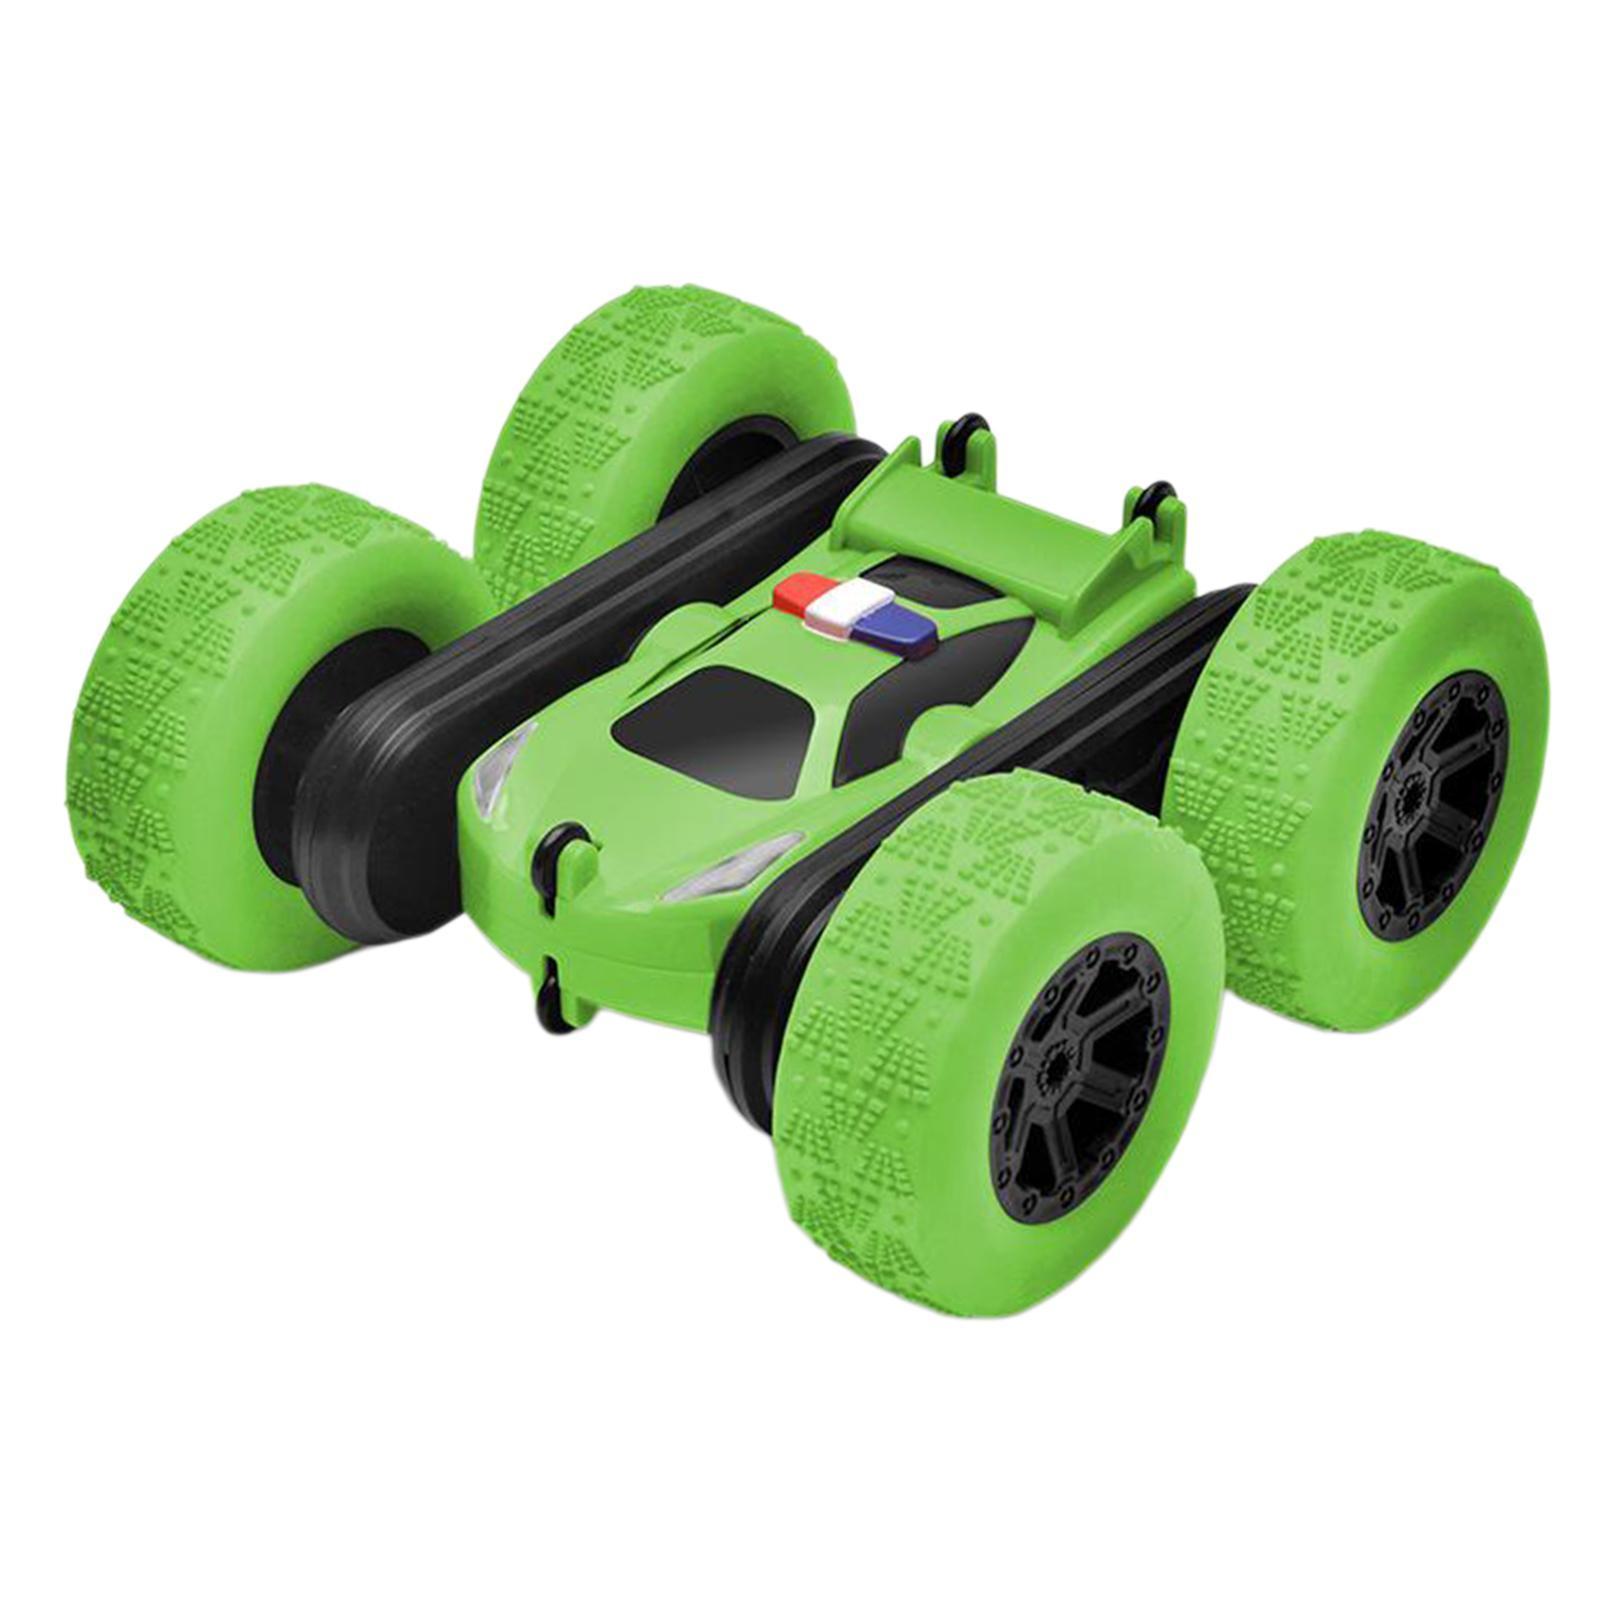 miniatura 54 - Telecomando Auto Stunt Car Giocattolo Per Bambini 2.4GHz di Controllo Remoto